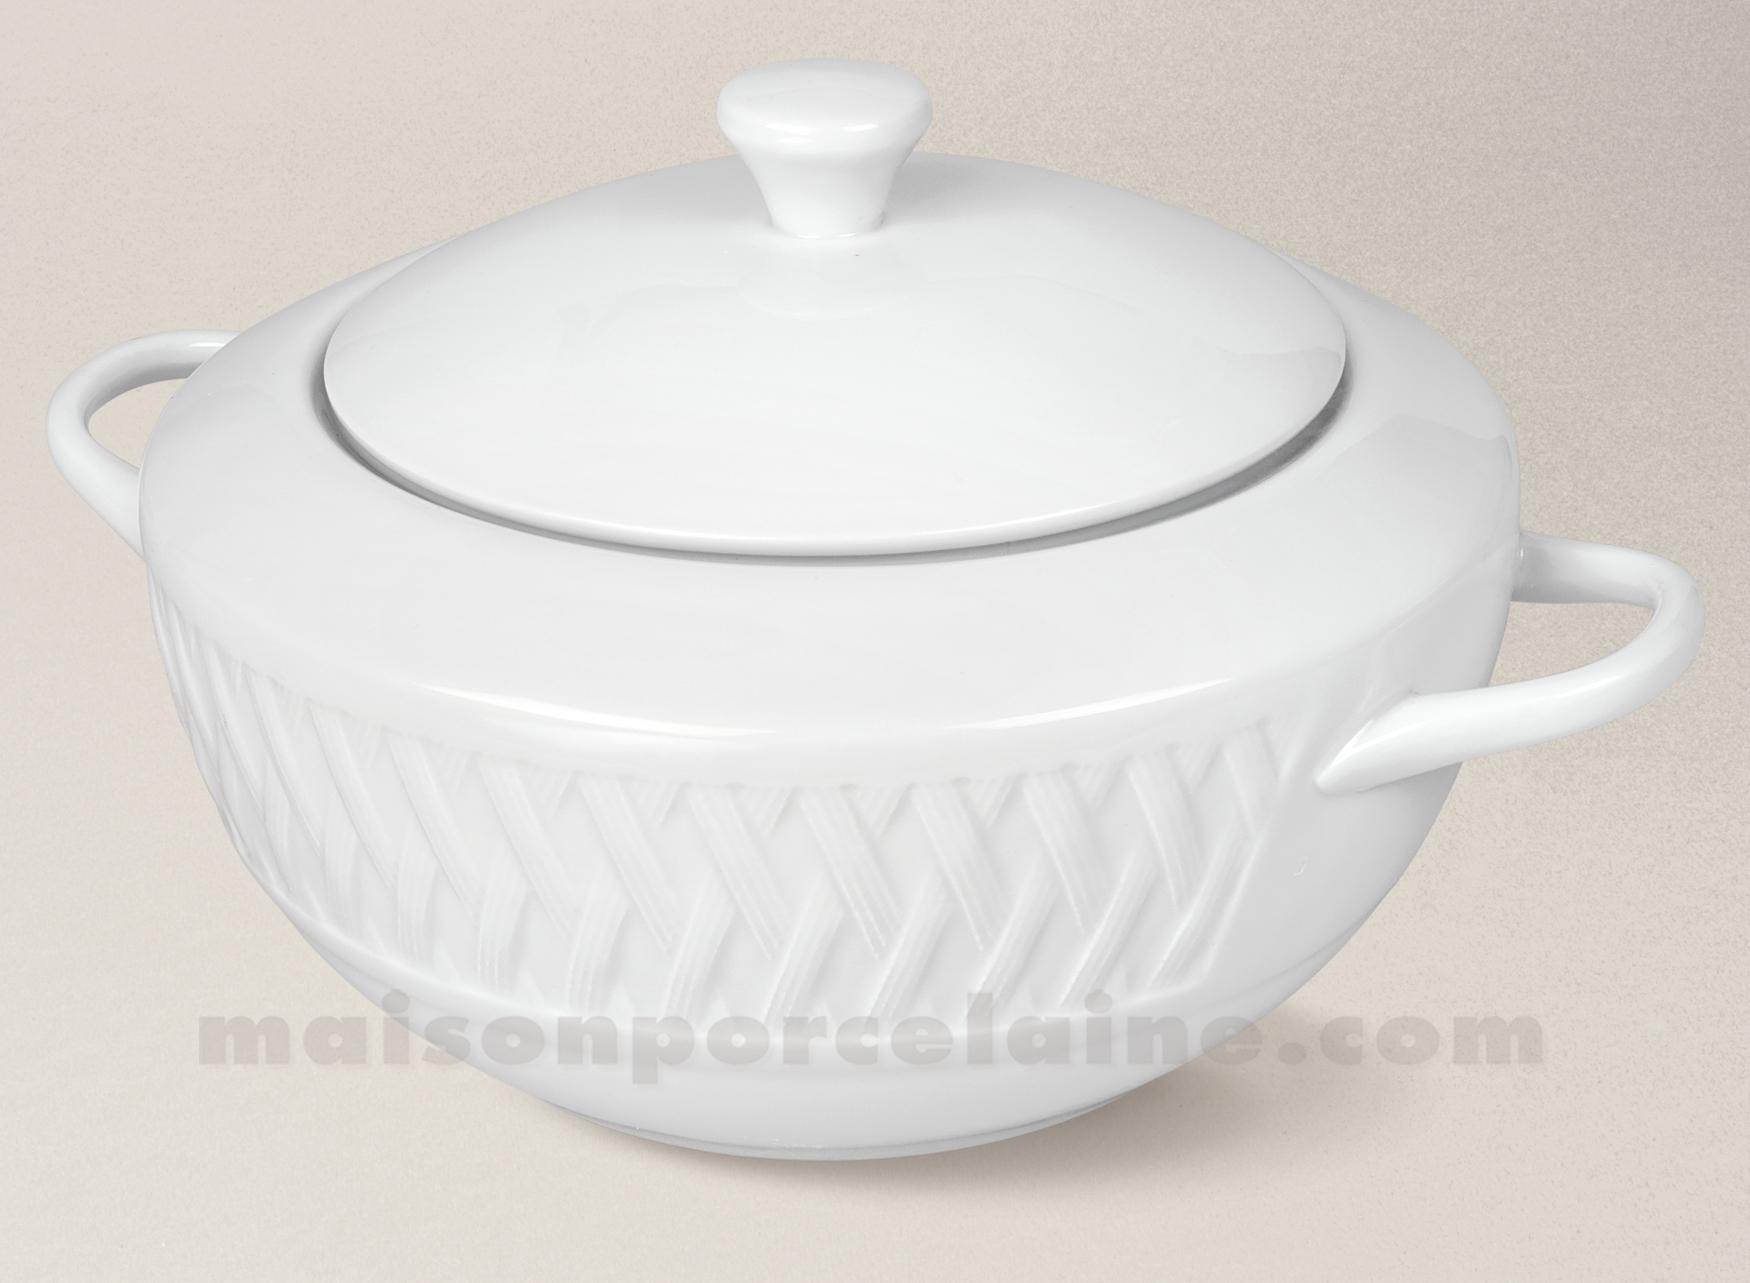 Legumier porcelaine blanche louisiane 27x22 2 5l maison de la porcelaine - La porcelaine blanche ...